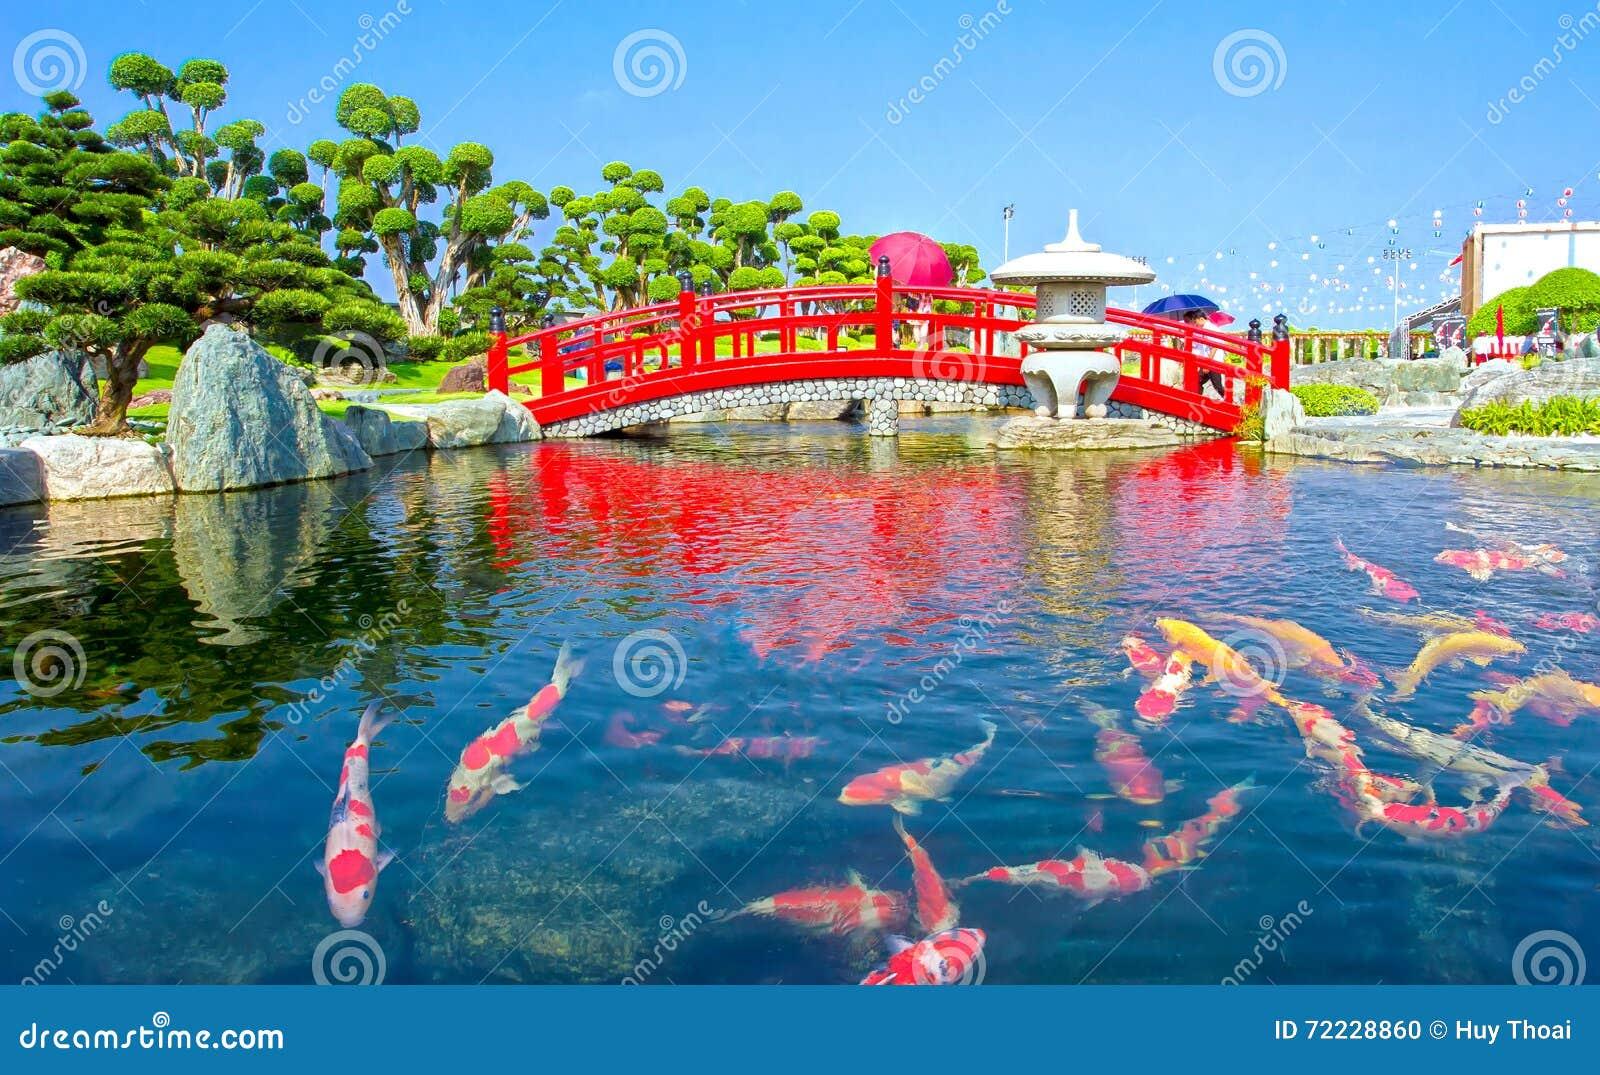 The pond inside eikando temple stock photo cartoondealer for Koi pond quezon city